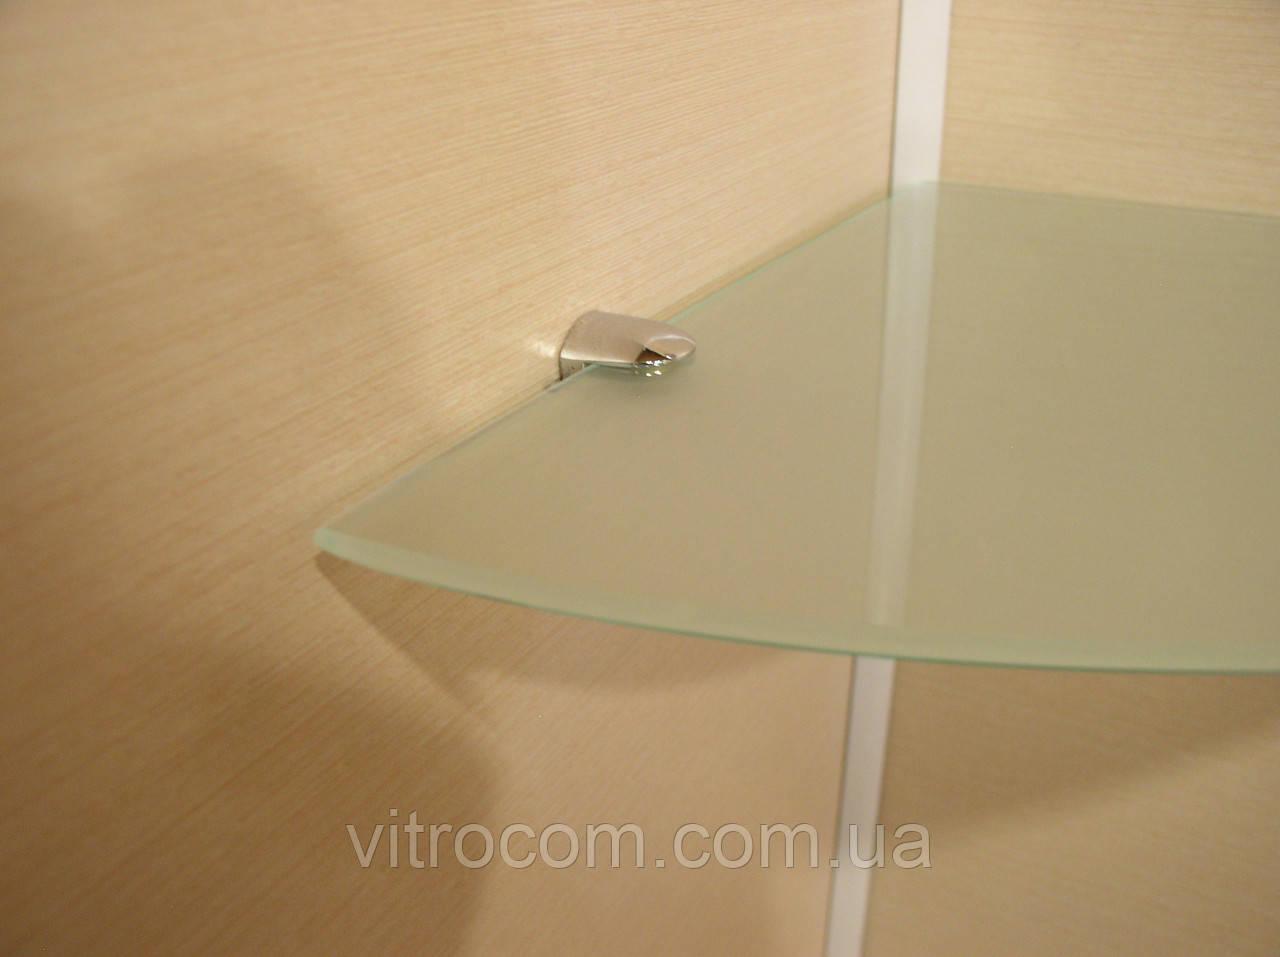 Полка стеклянная угловая 6 мм матовая 30 х 30 см